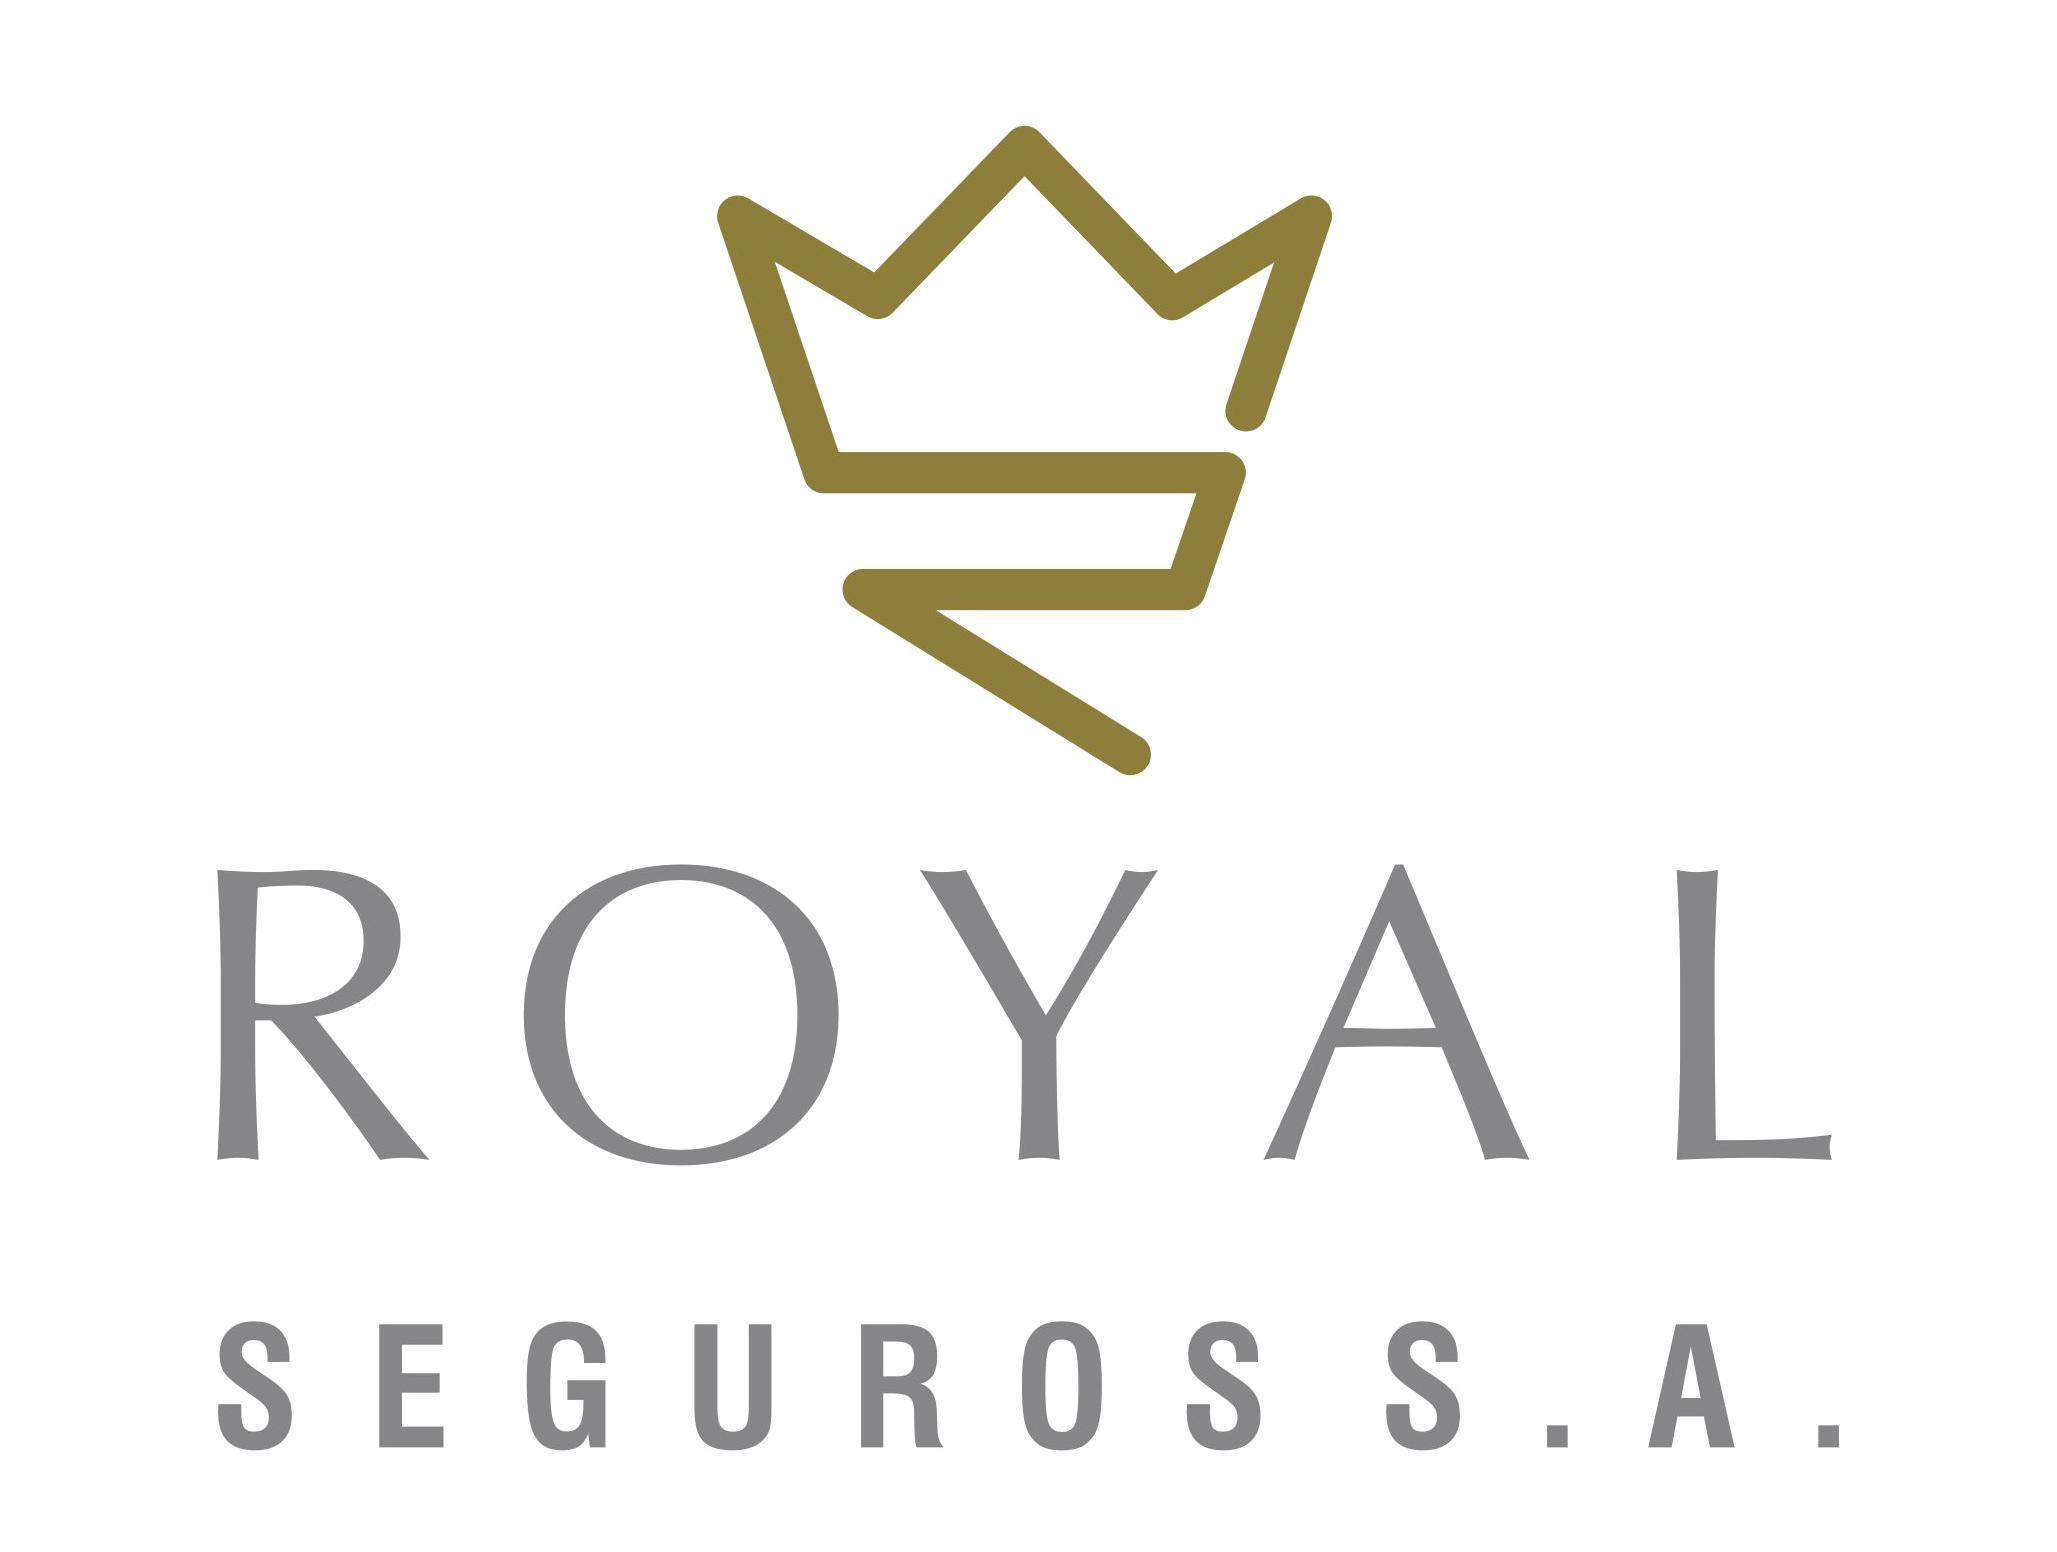 Royal Seguros S.A.